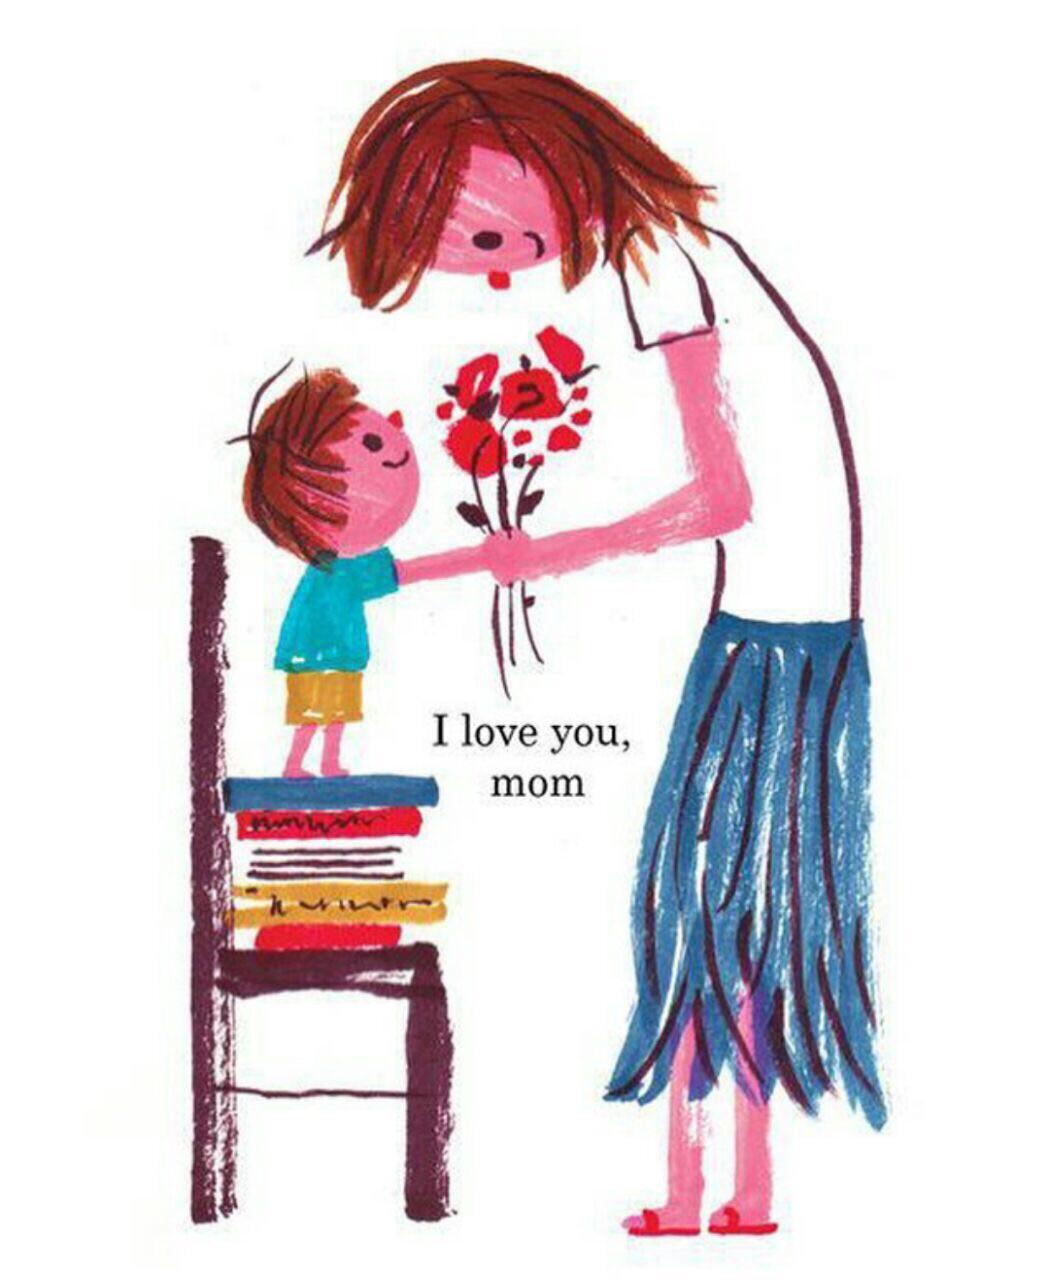 عکس و متن های جدید مخصوص روز مادر 96